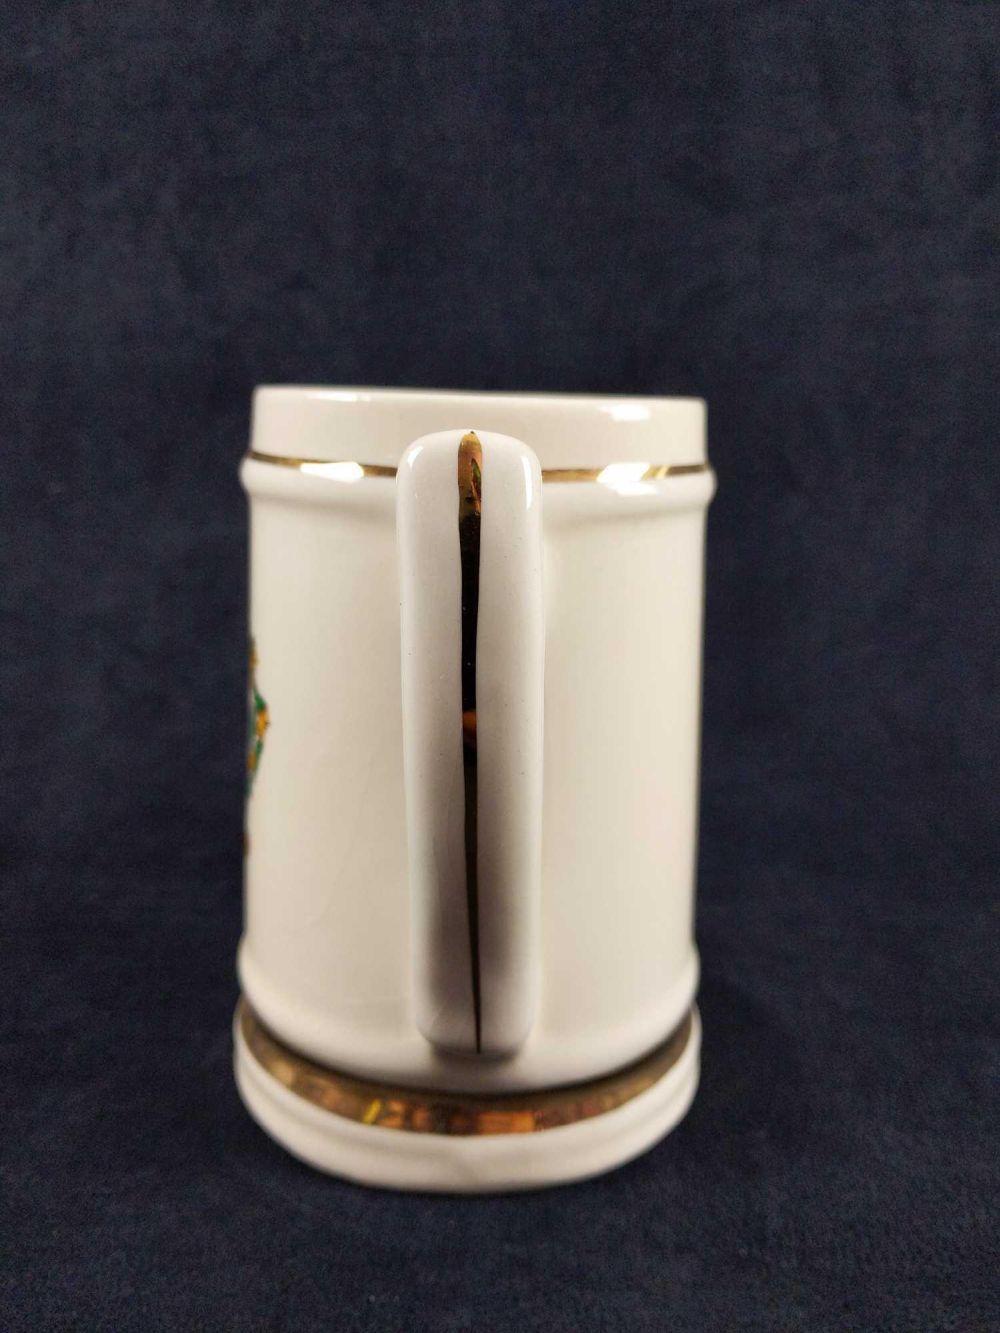 Lot 245: Foster Family Crest Vintage Ceramic Beer Mug